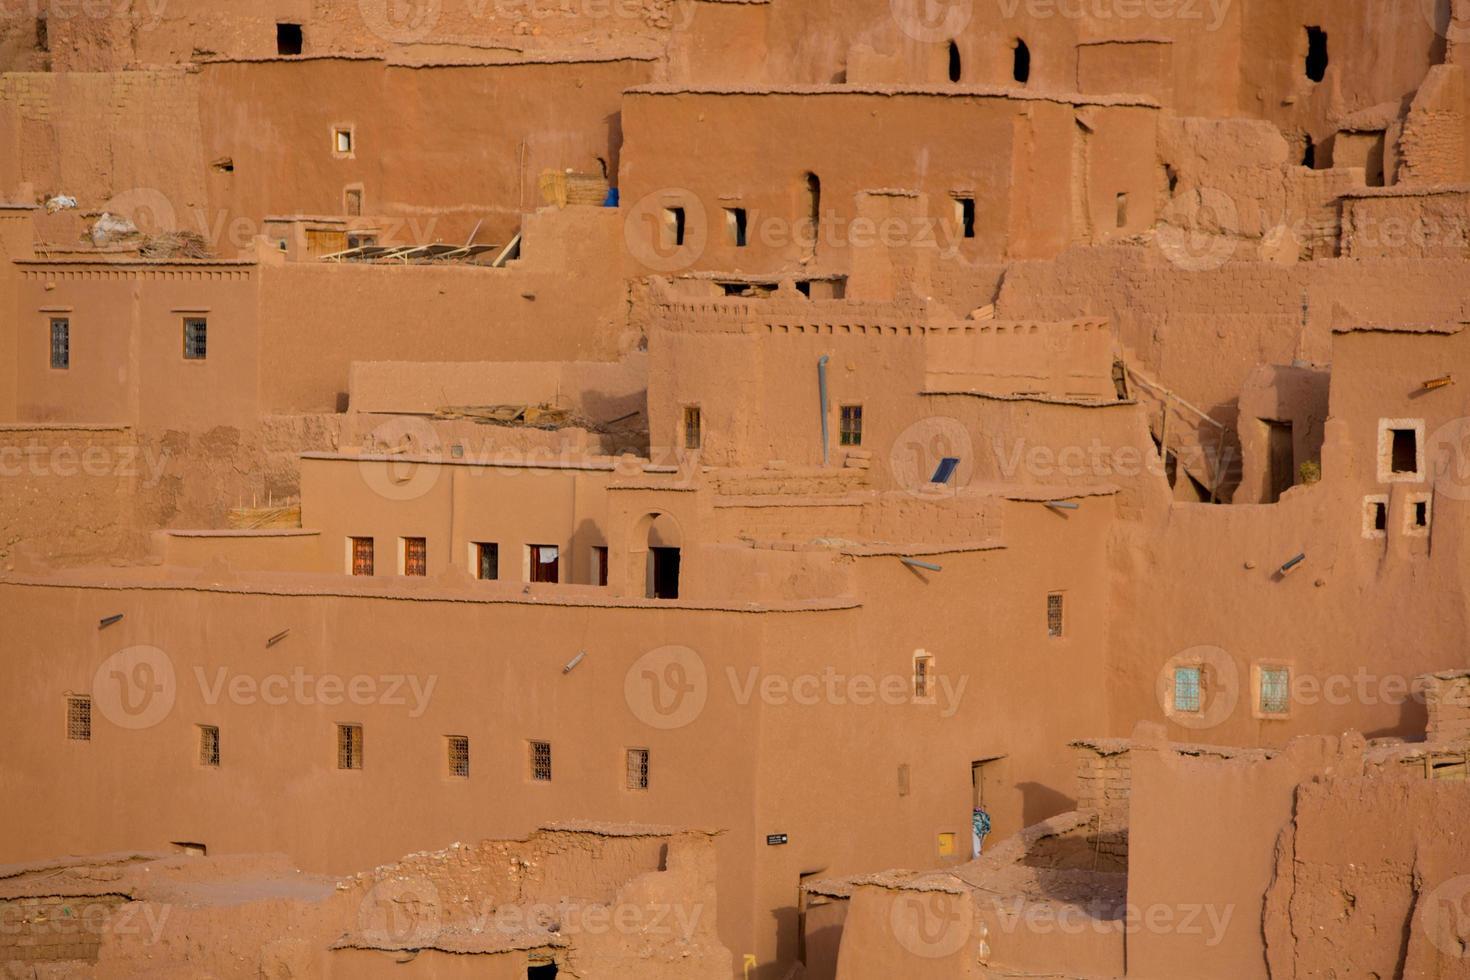 ait ben haddou medeltida kasbah i Marocko foto